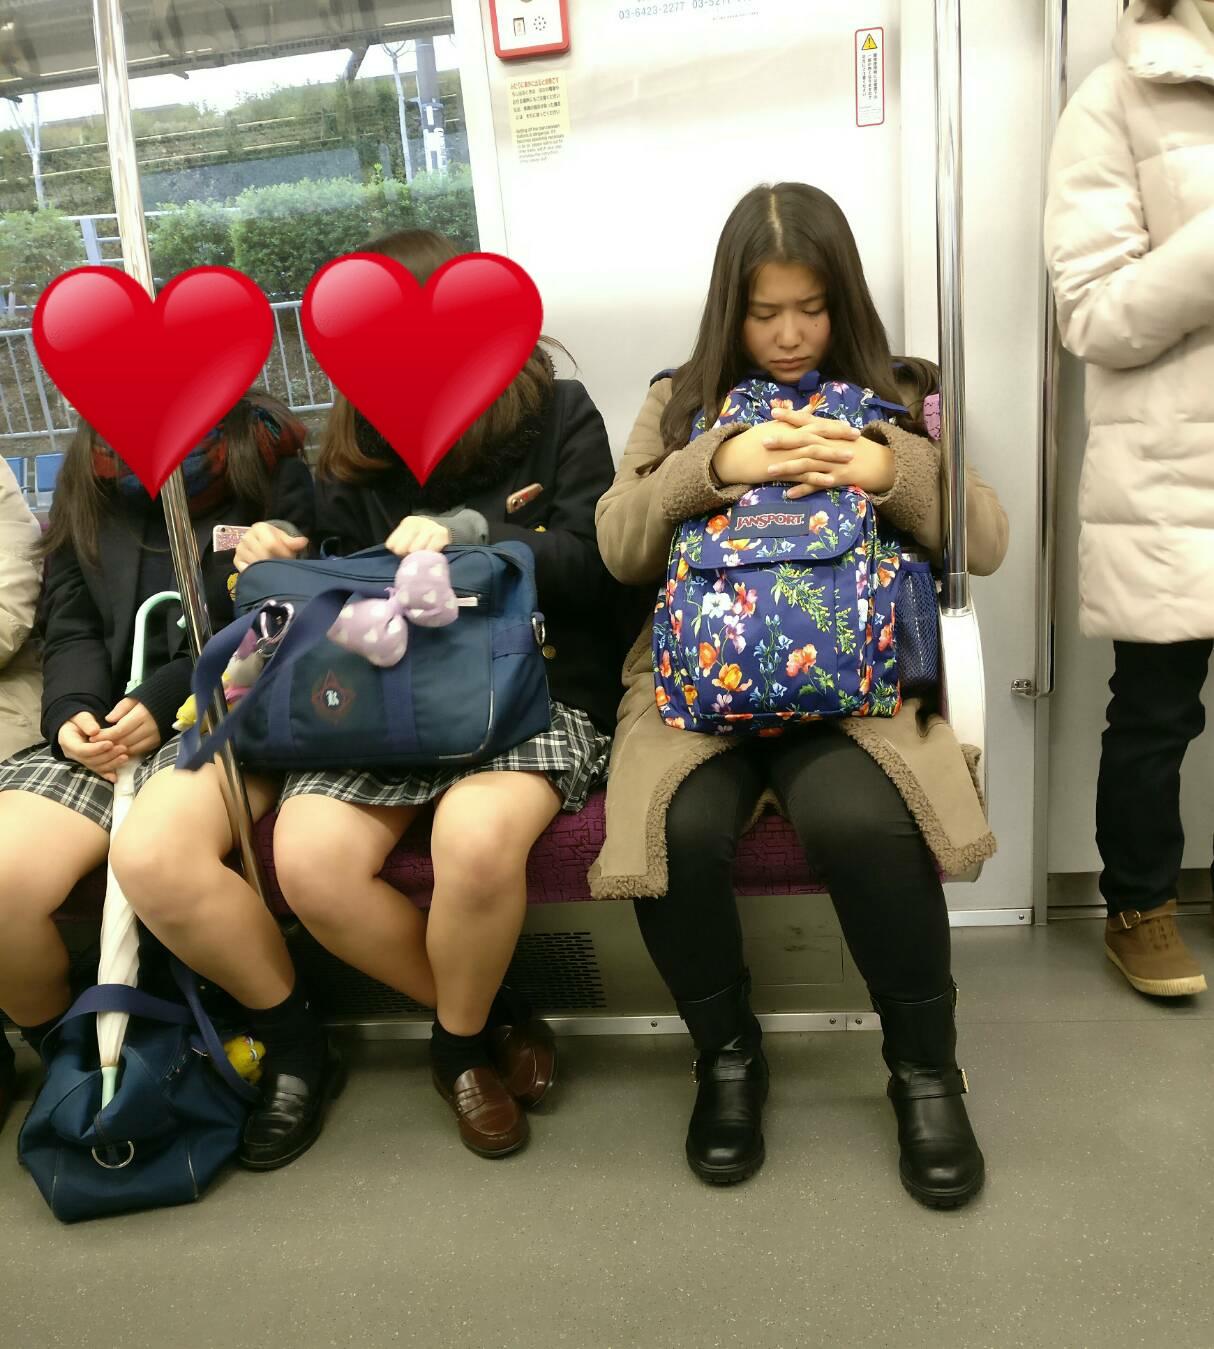 電車で女子高生のムチムチ生脚撮ったったwwwwww fqREpu6